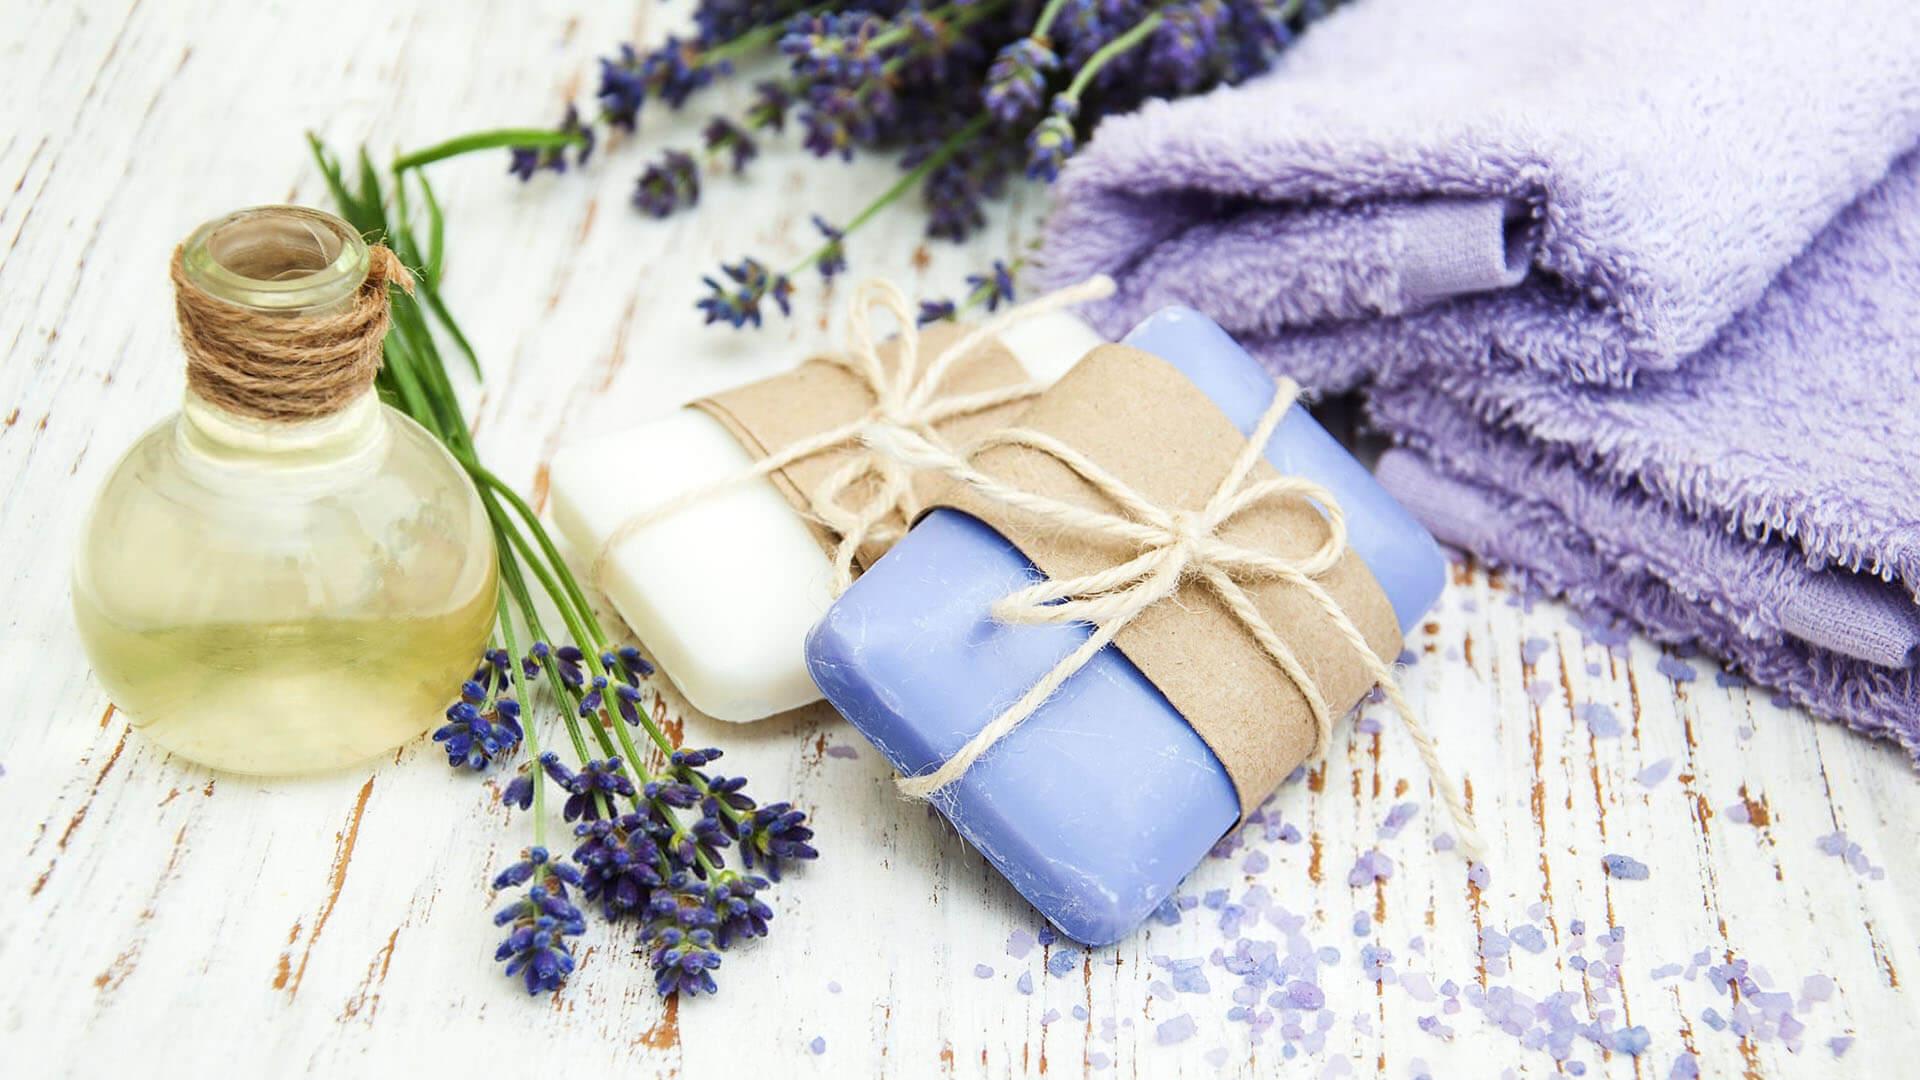 Bestandteile eines Beauty-Abends: Seifen, Öl, Blumen, Handtücher